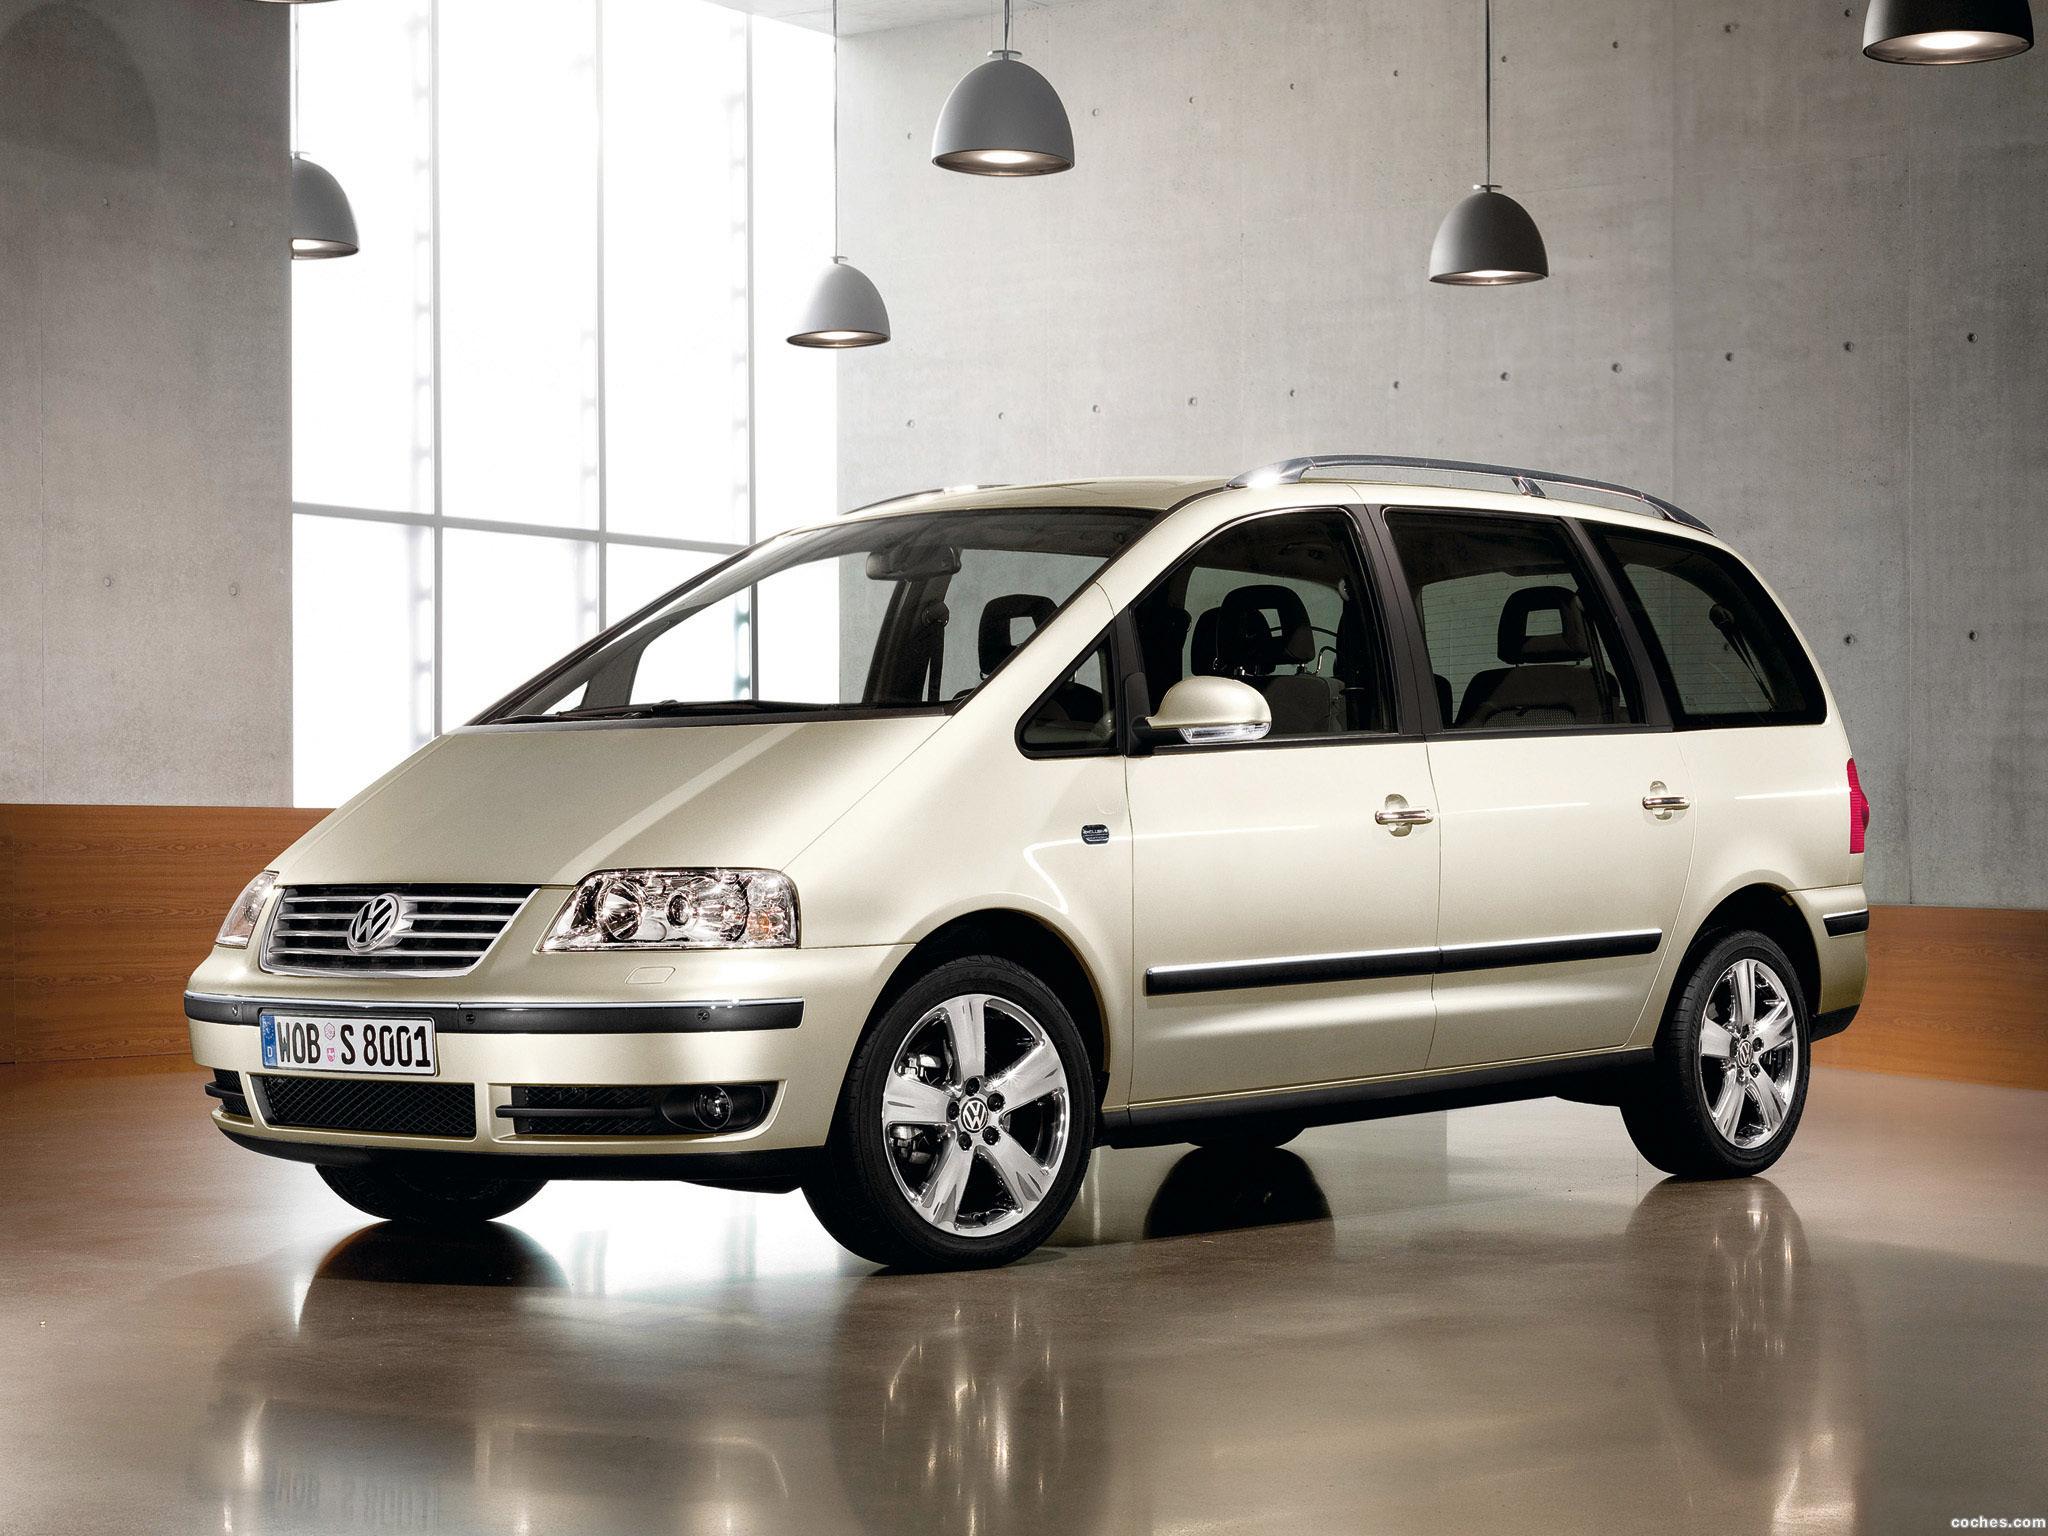 Foto 0 de Volkswagen Sharan Exclusive Edition 2008